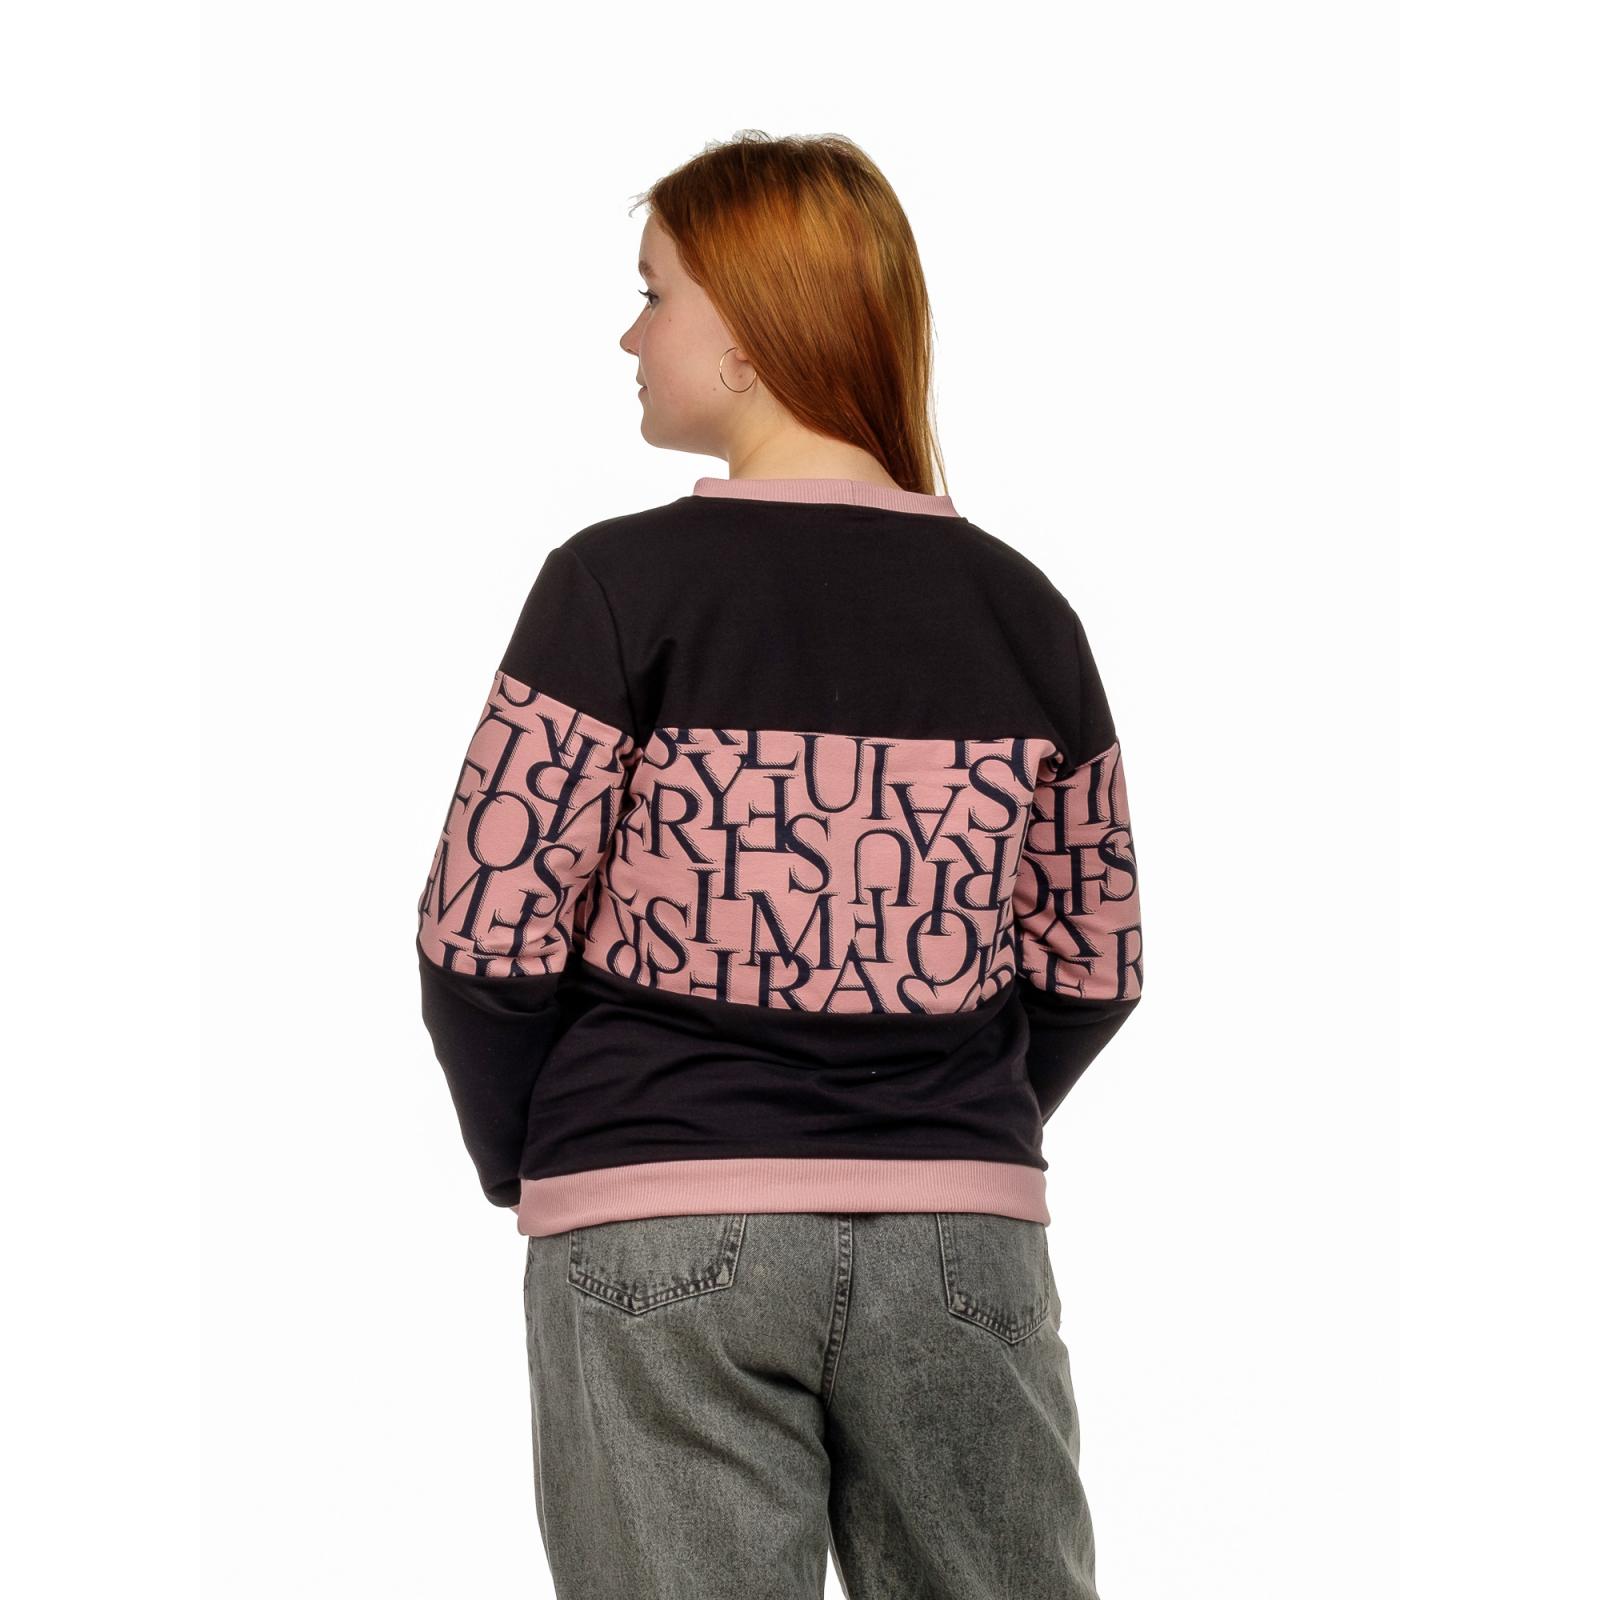 Джемпер (розовая пудра) Чёрные буквы (футер) М-0200ПУД